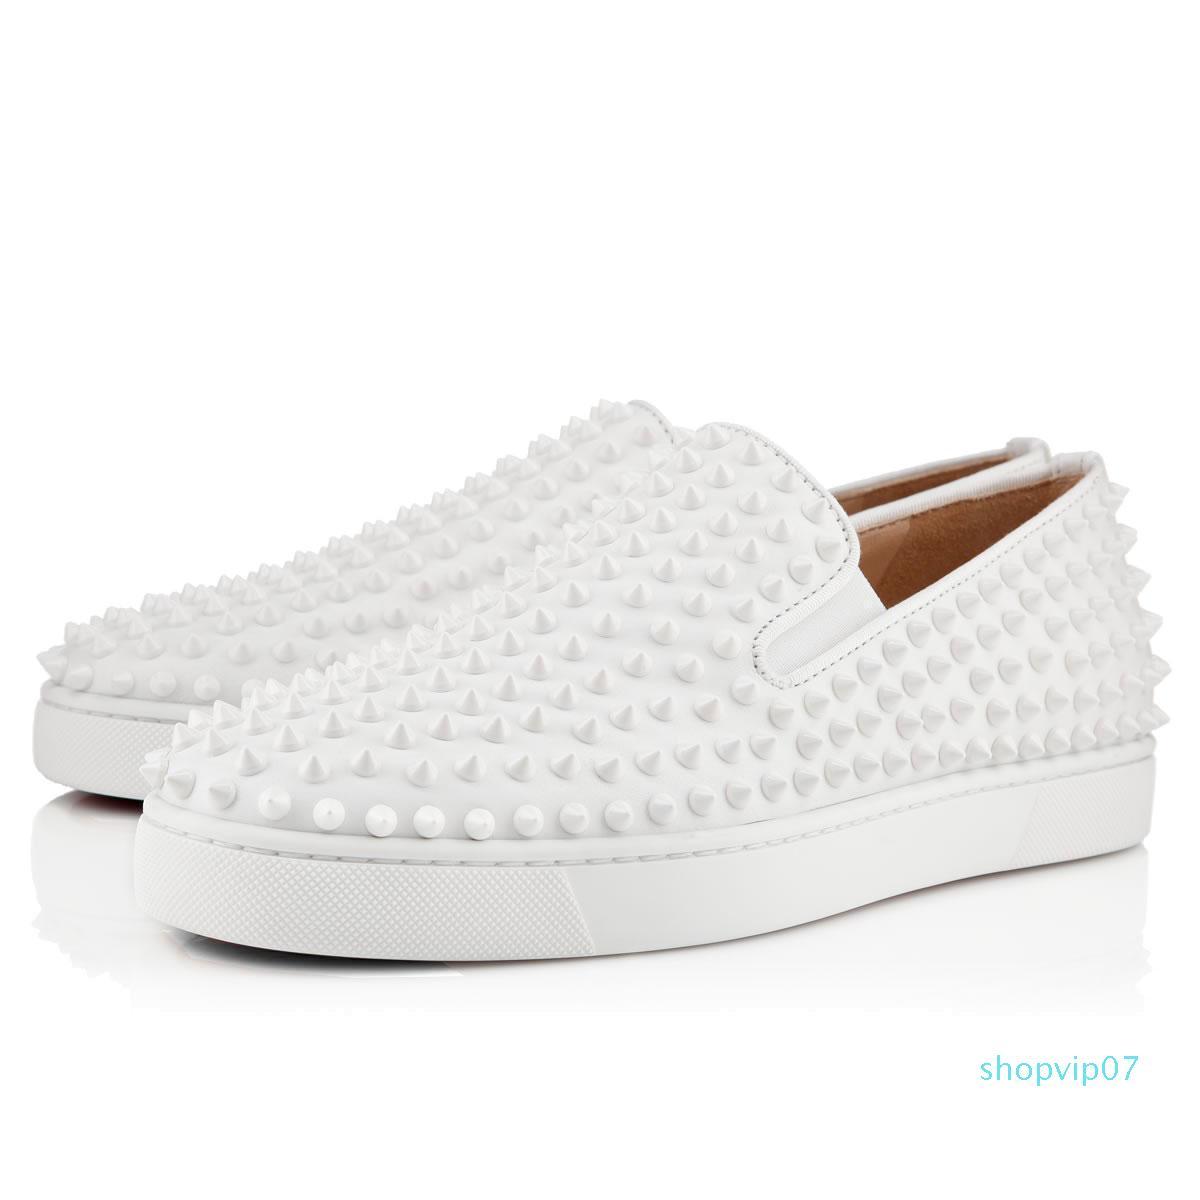 2019 новый дизайнер шипованные Шипы квартиры обувь красные днища обувь мужчины женщины любителей вечеринок натуральная кожа кроссовки размер 36-46